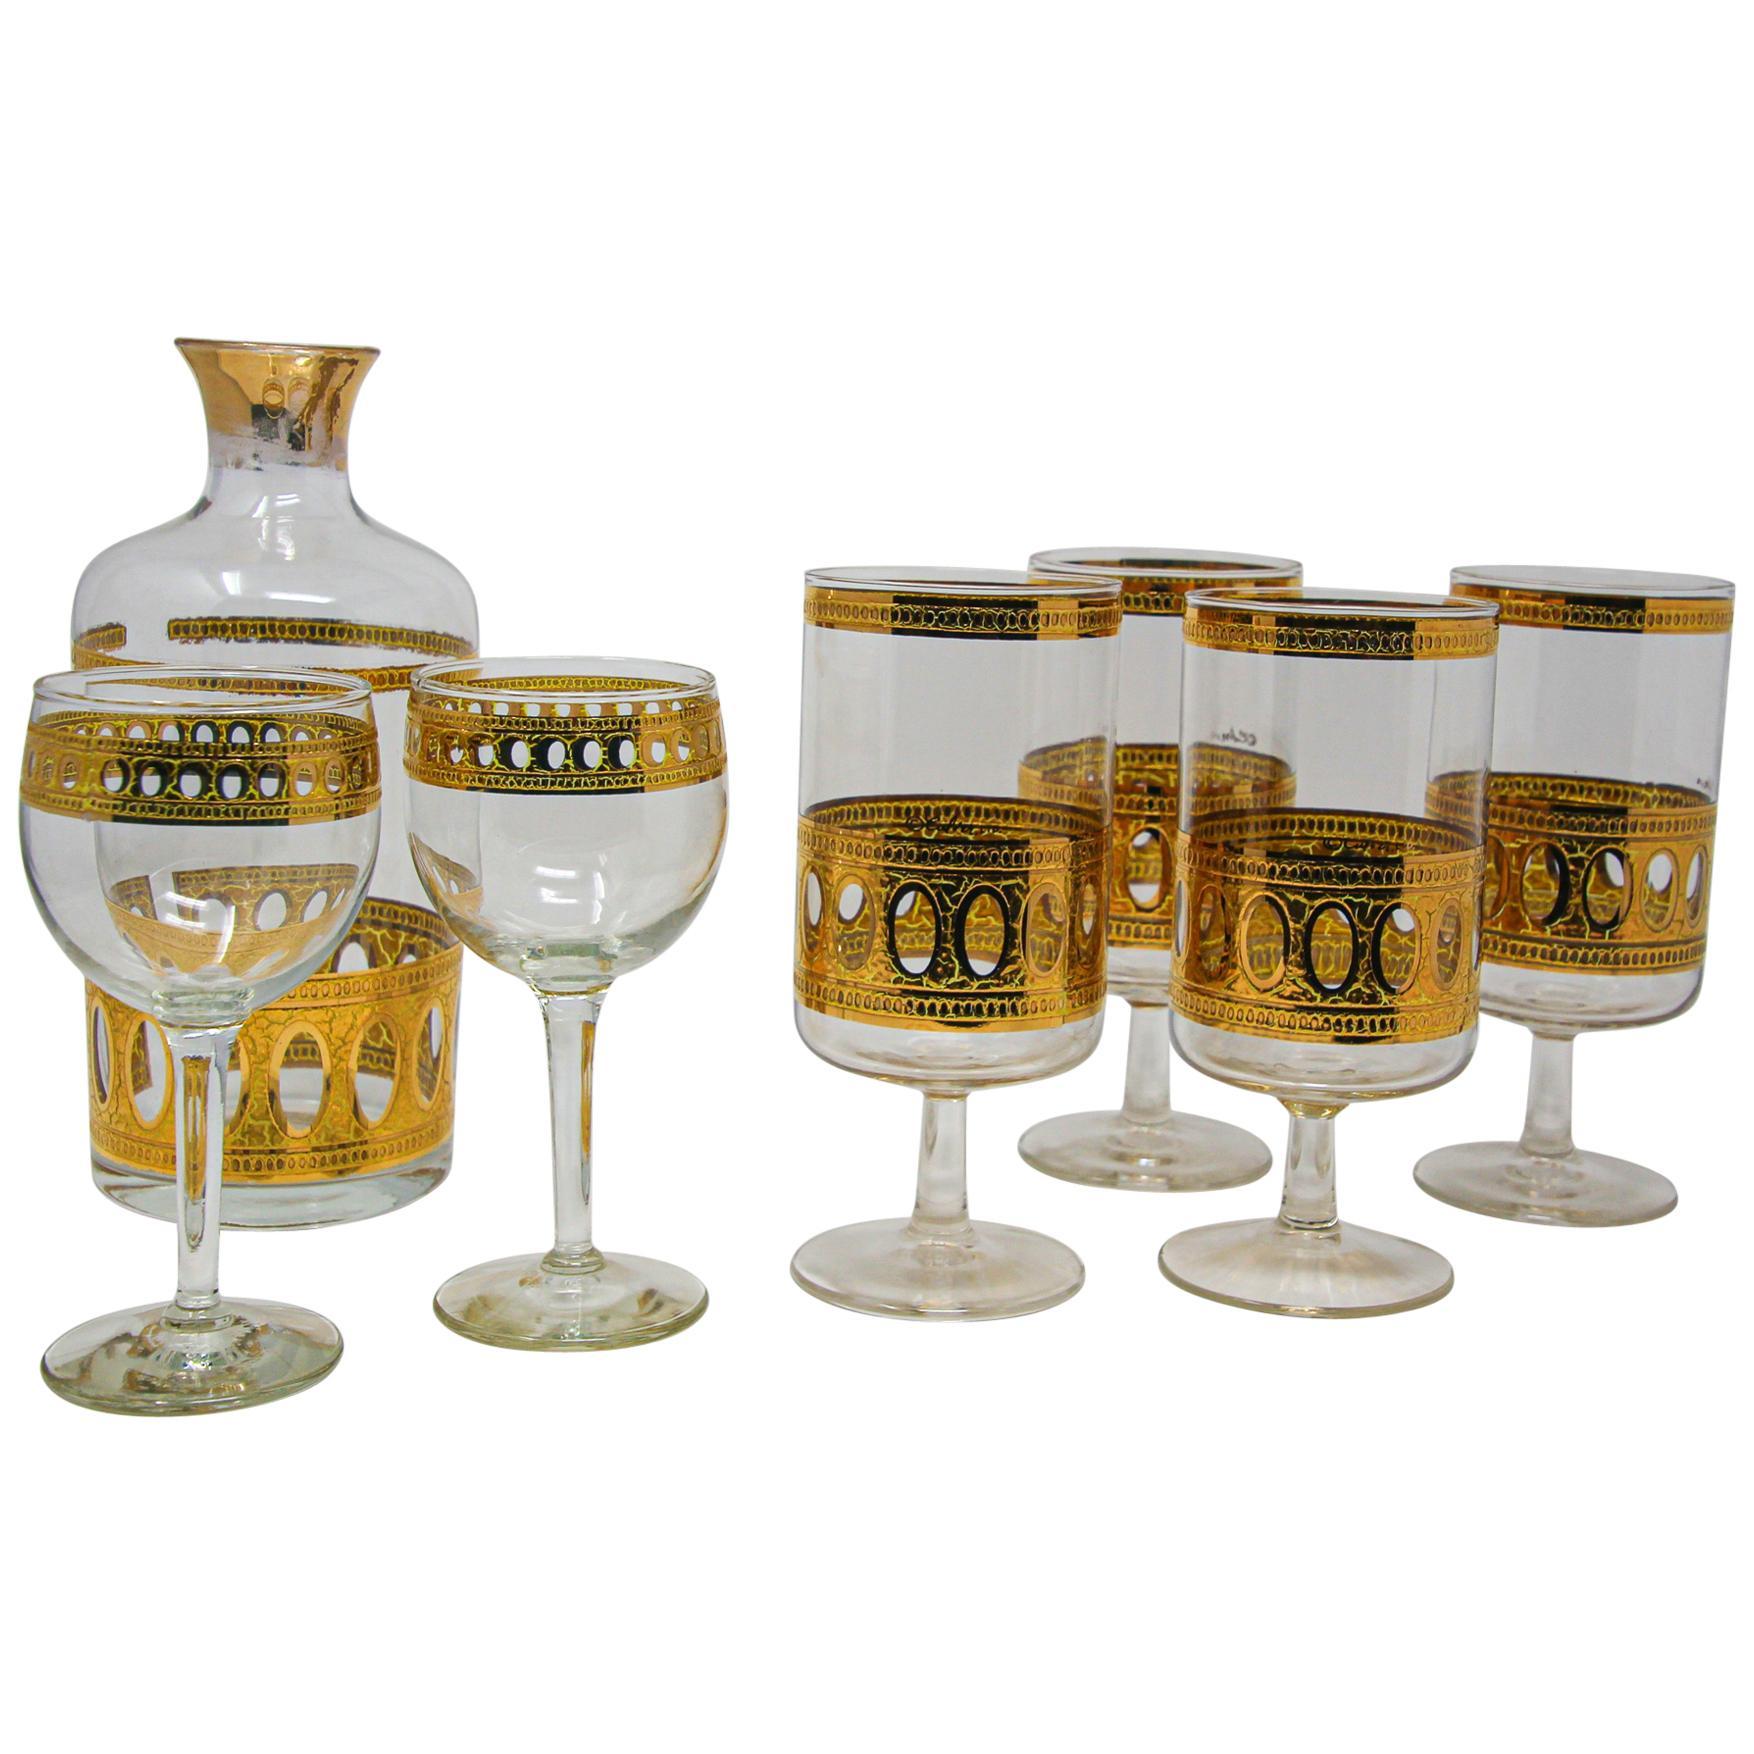 Vintage Midcentury Culver Antigua Barware Cocktail Set